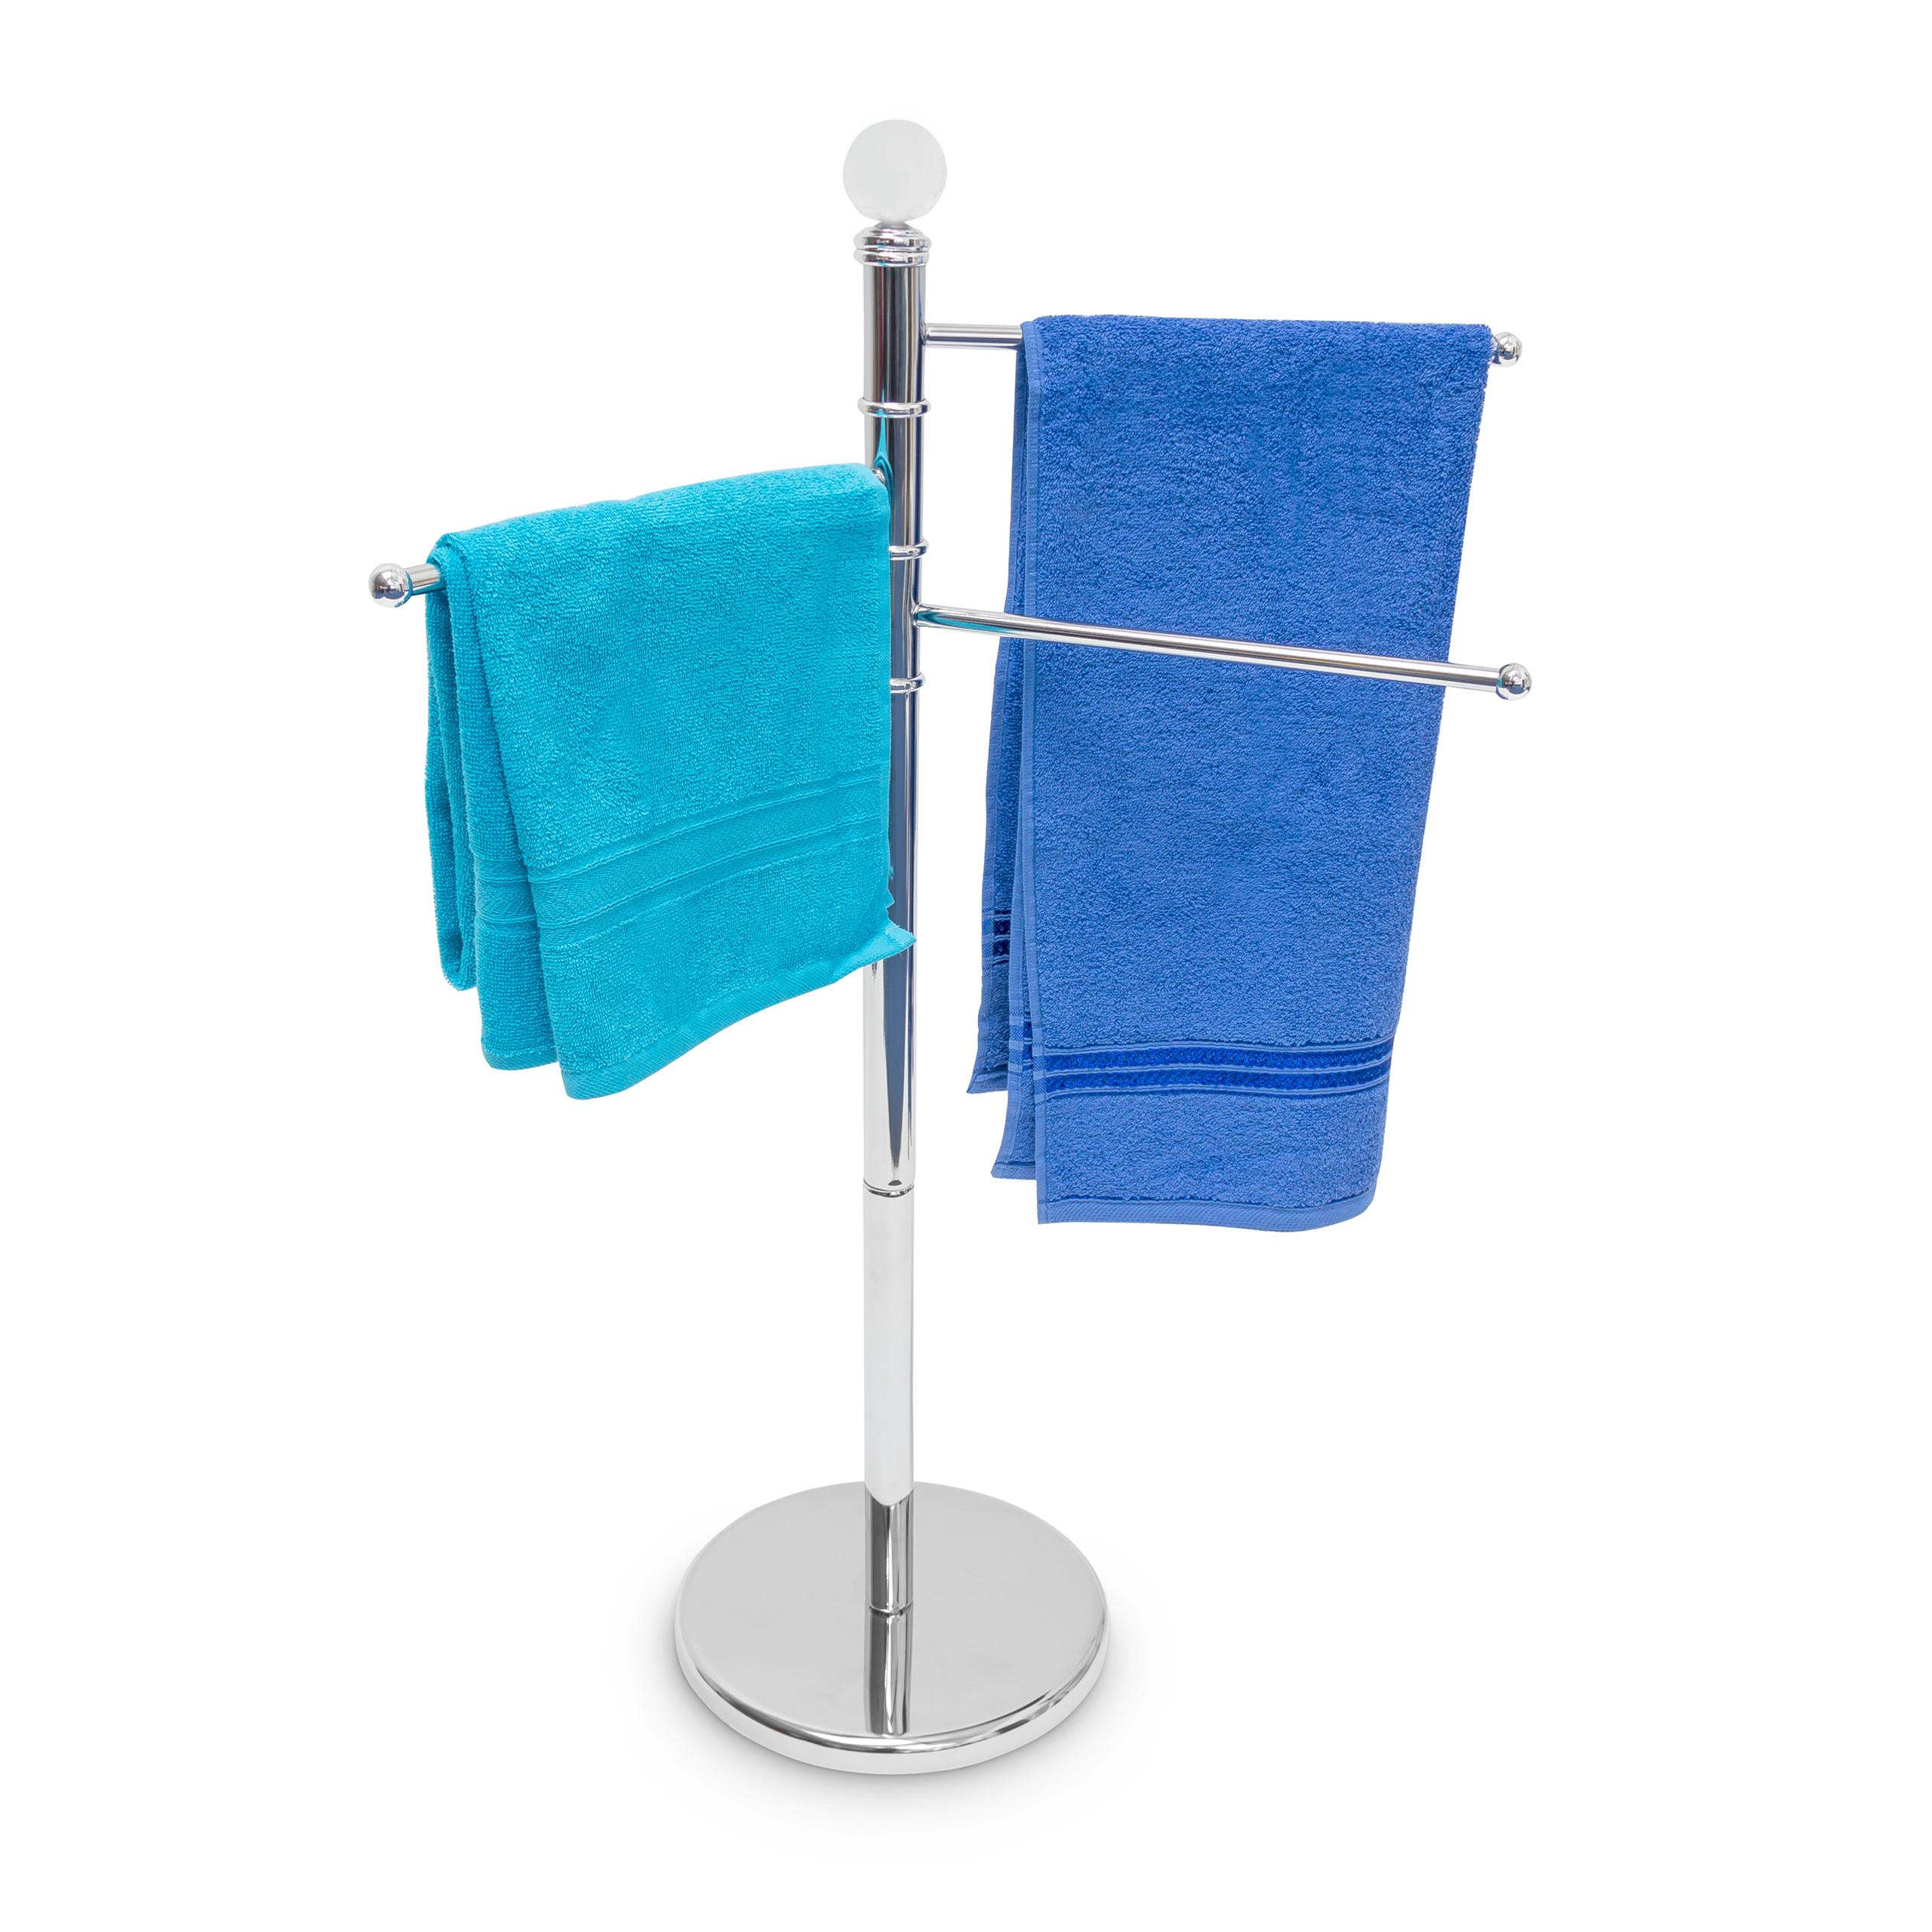 Porte-serviettes-Porte-serviette-accessoire-salle-de-bain-3-bras-Inox-chrome